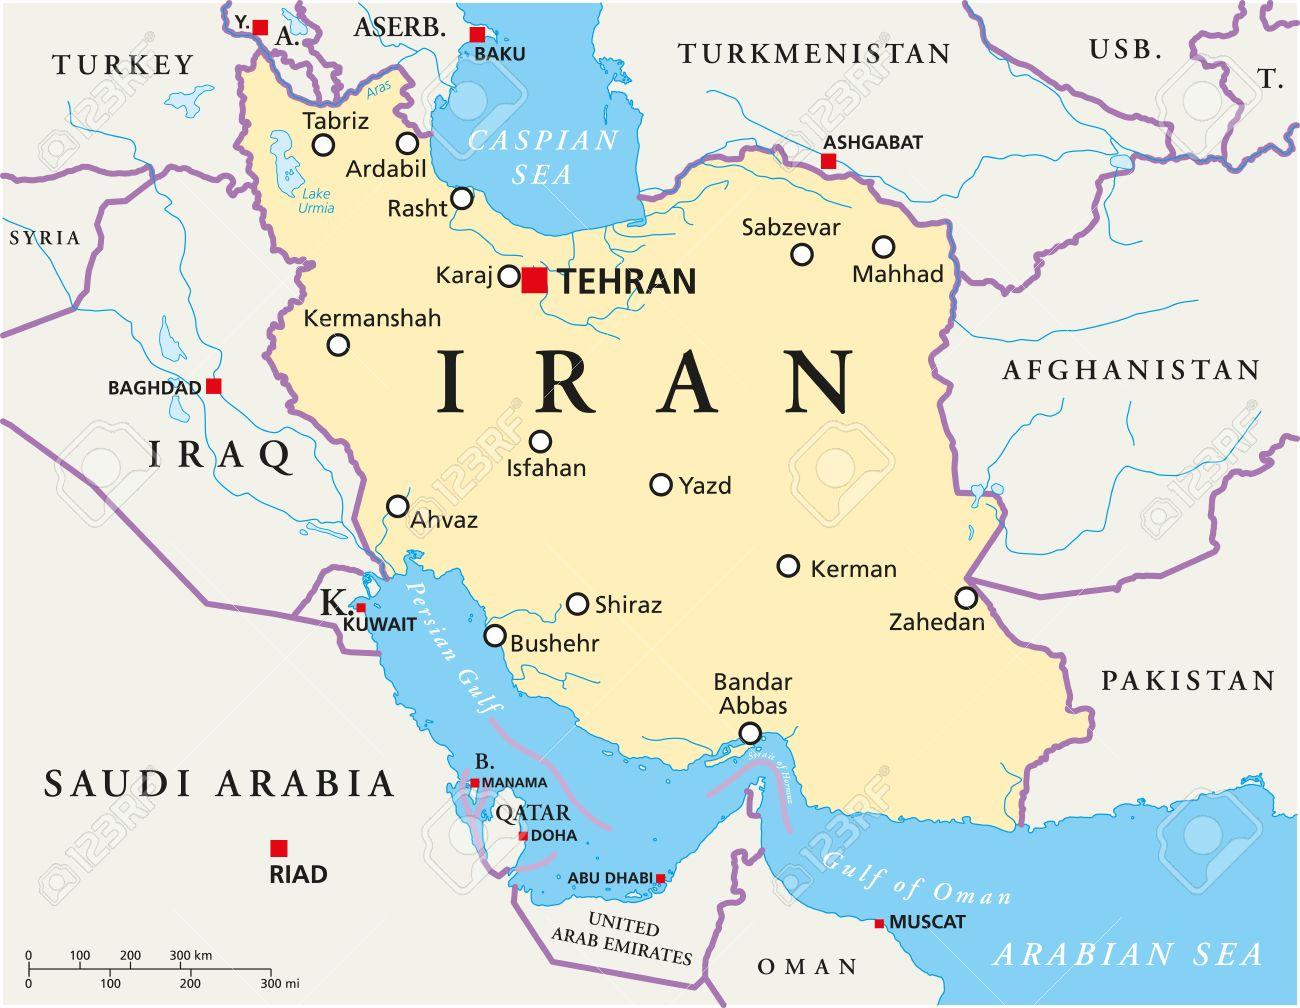 Mapa de Irán. El ataque ocurrió en Bagdad, la capital de Irak